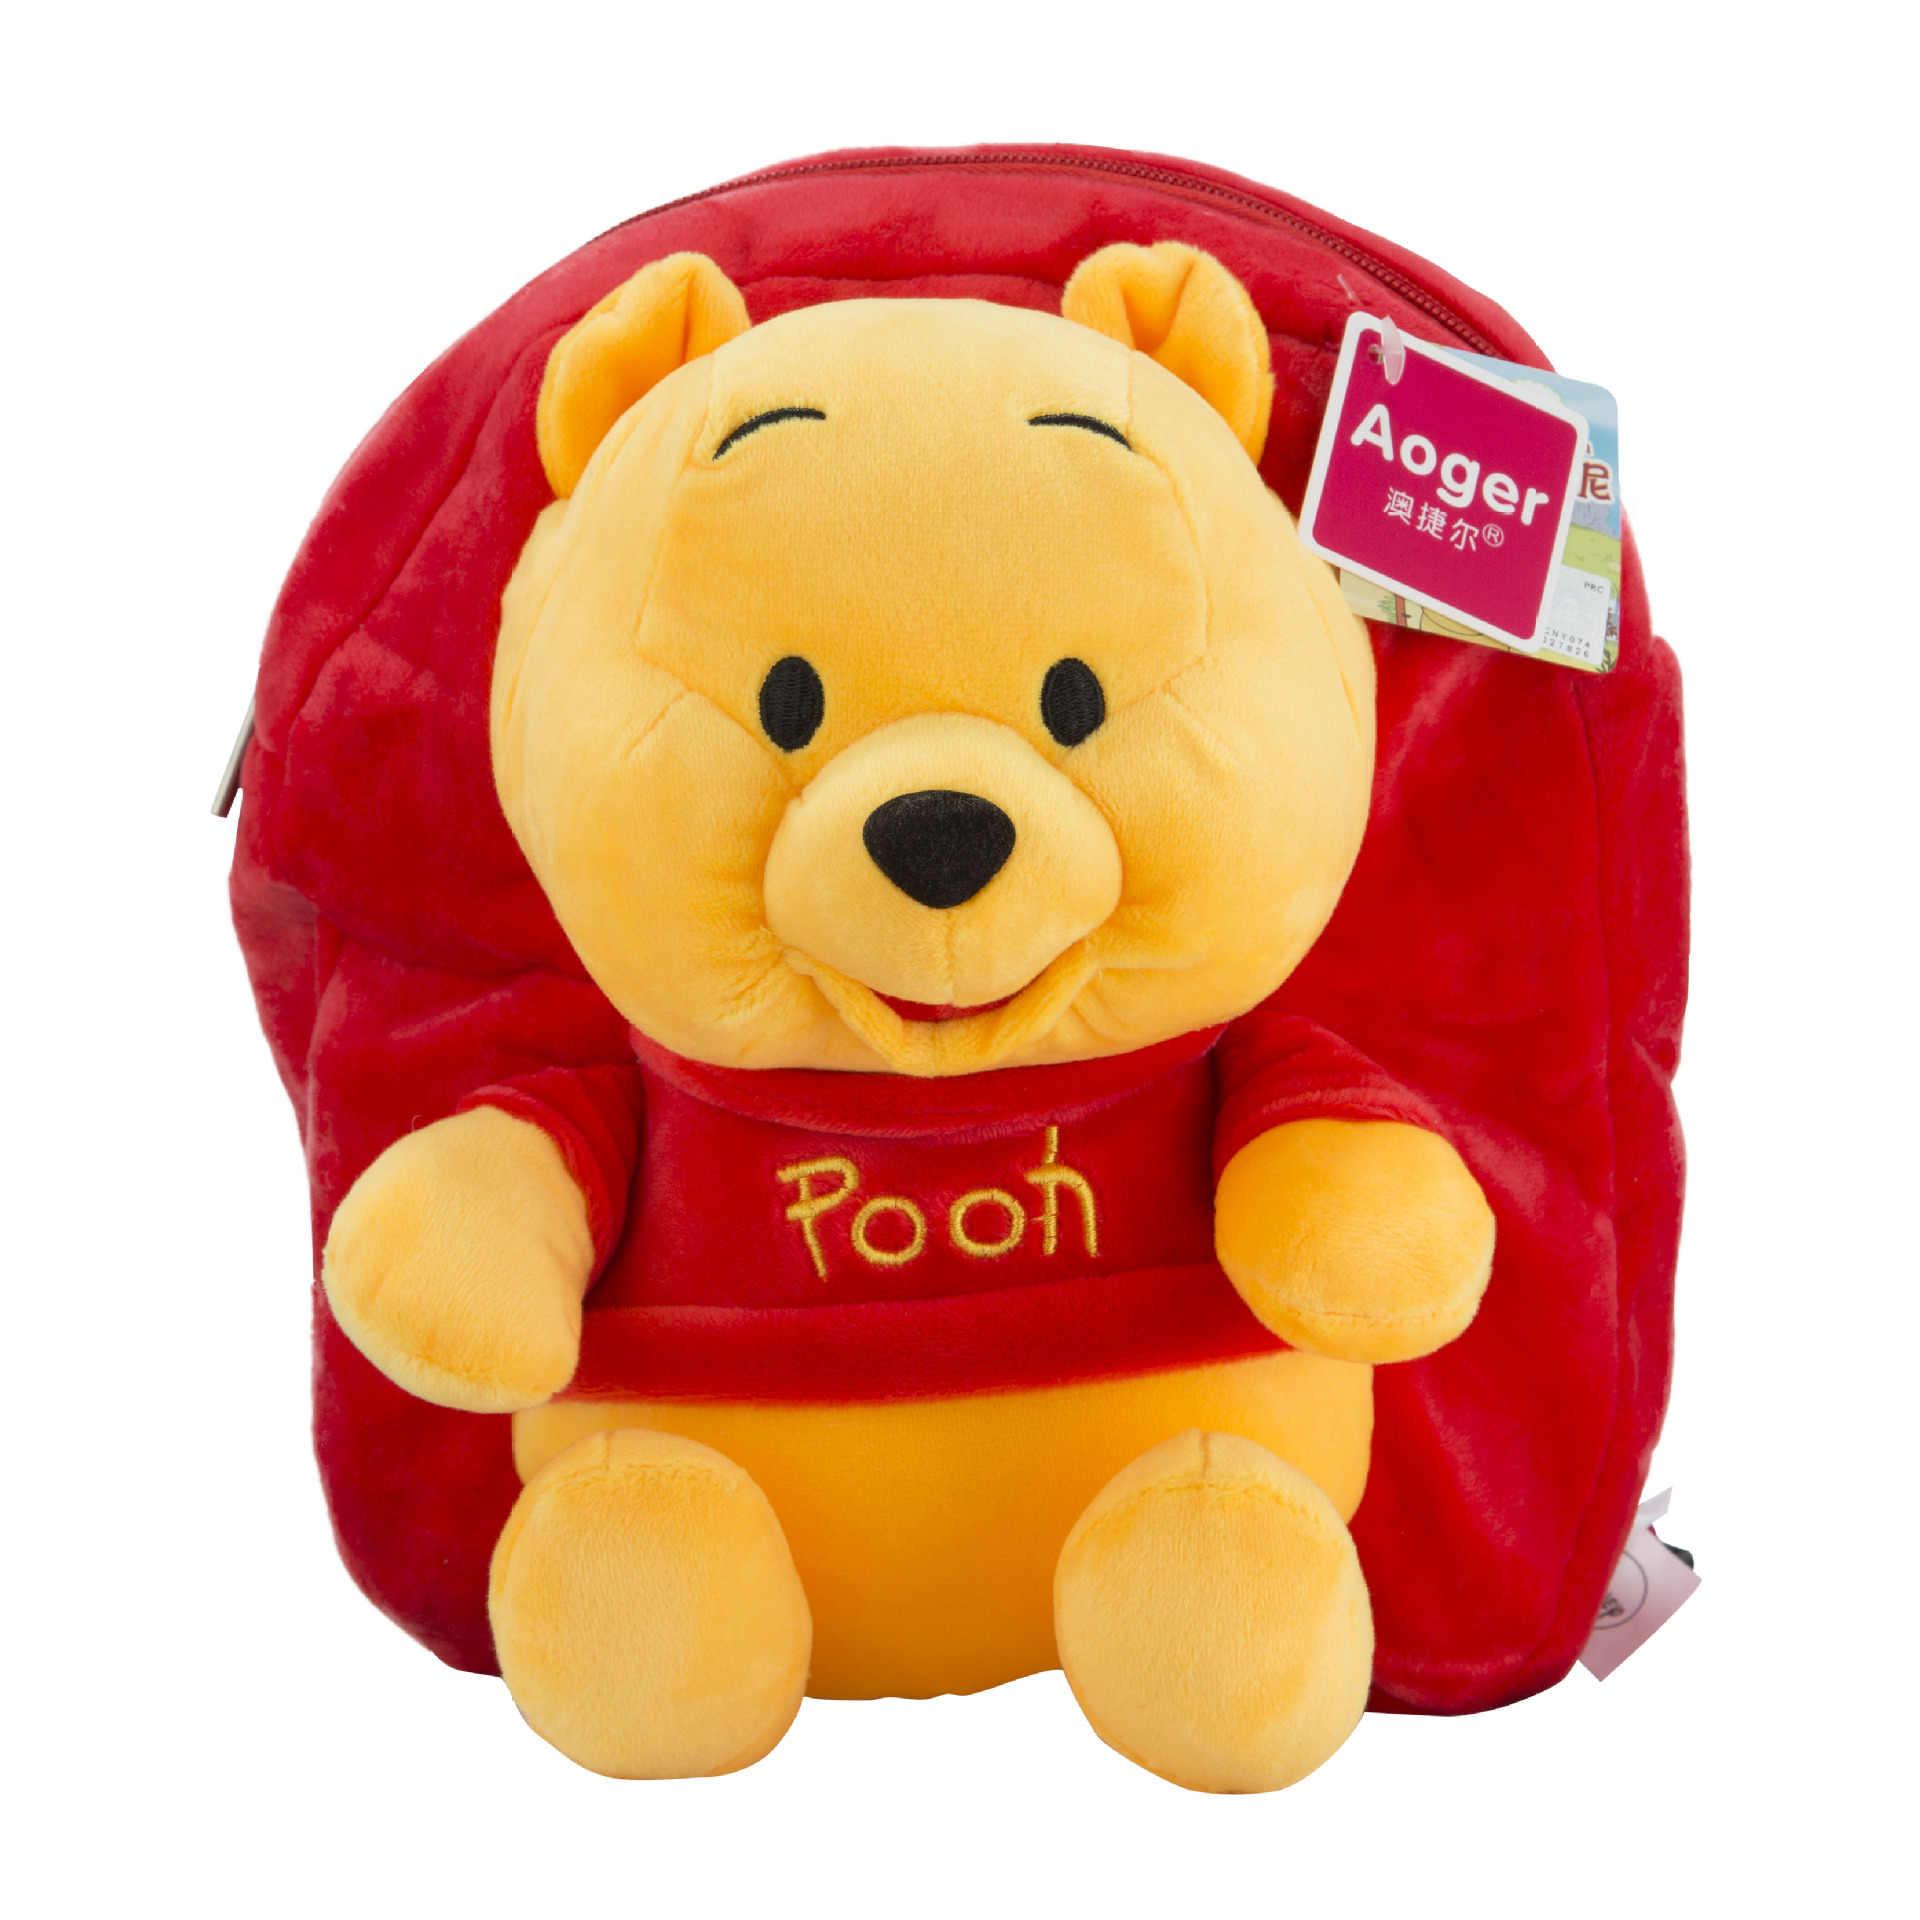 Mochila De felpa para niños de 30cm de Disney Mickey Minnie Mouse, Mini mochila escolar para niños y niñas, regalos de muñecas Disney, juguetes de peluche